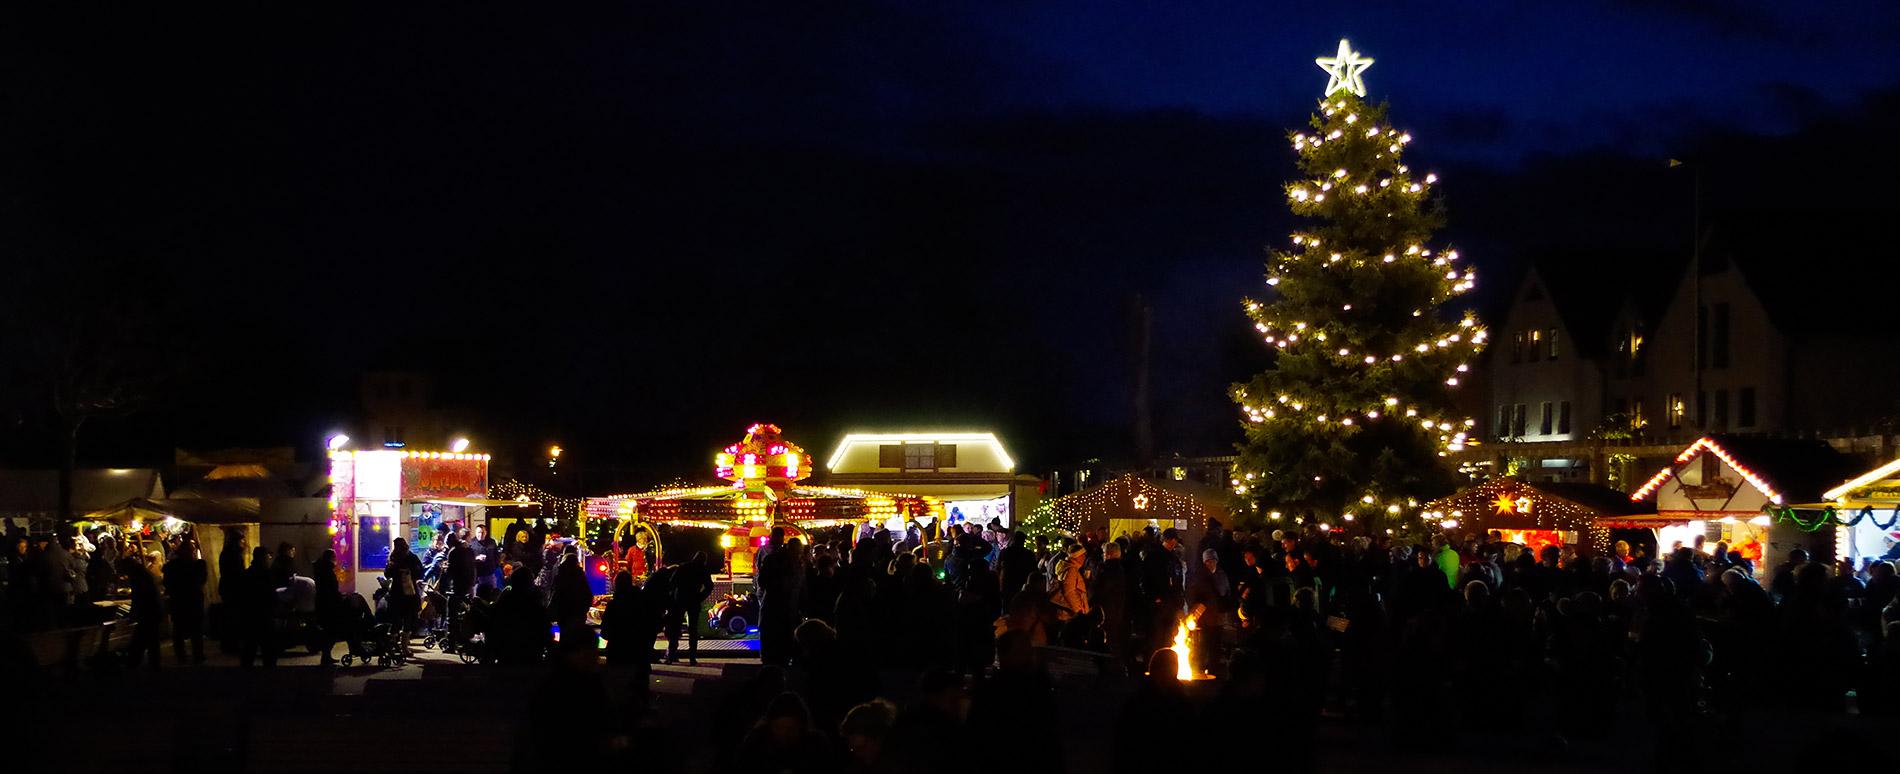 Wann Ist Der Weihnachtsmarkt.Weihnachtsmärkte Im Spreewald Alle Termine Auf Einen Blick